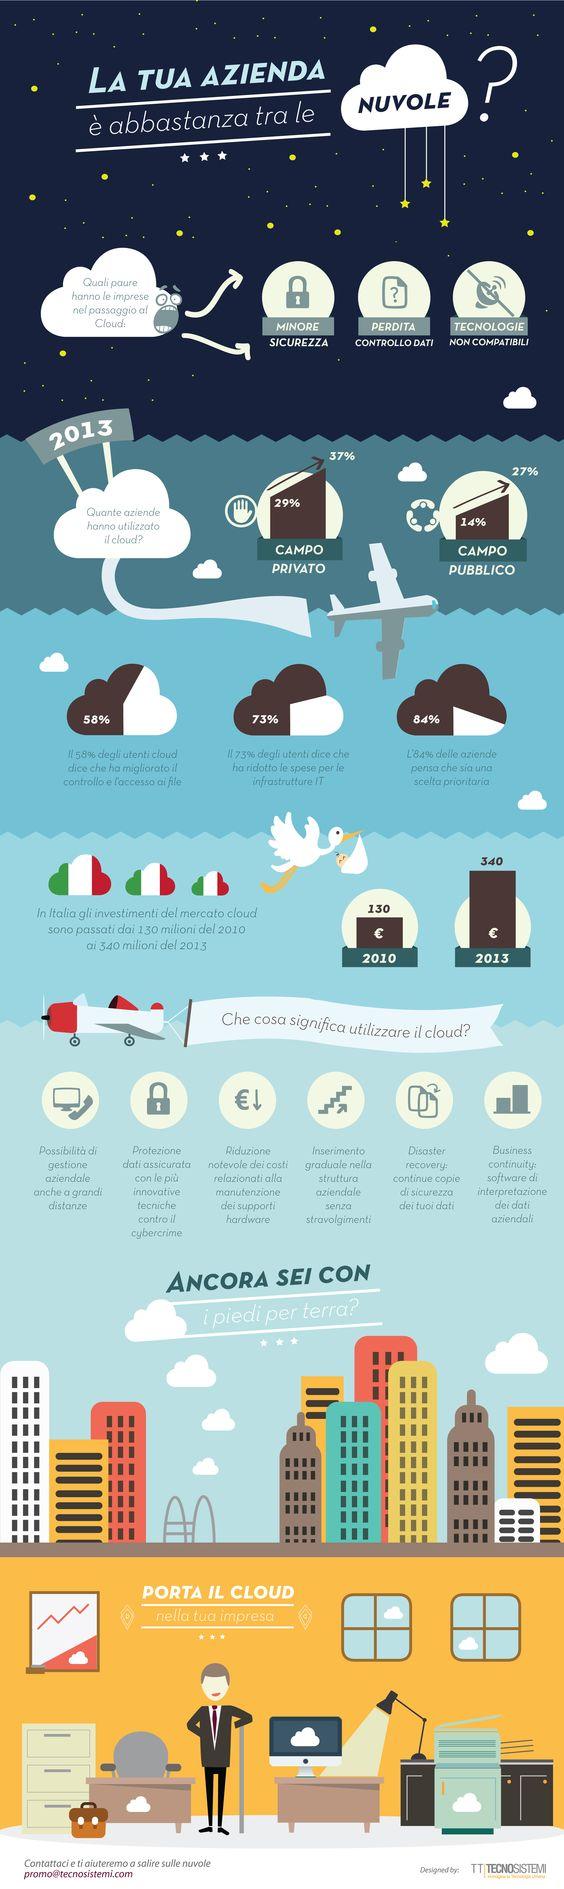 La vostra impresa è abbastanza tra le nuvole? #Cloudcomputing #Infographic #Business